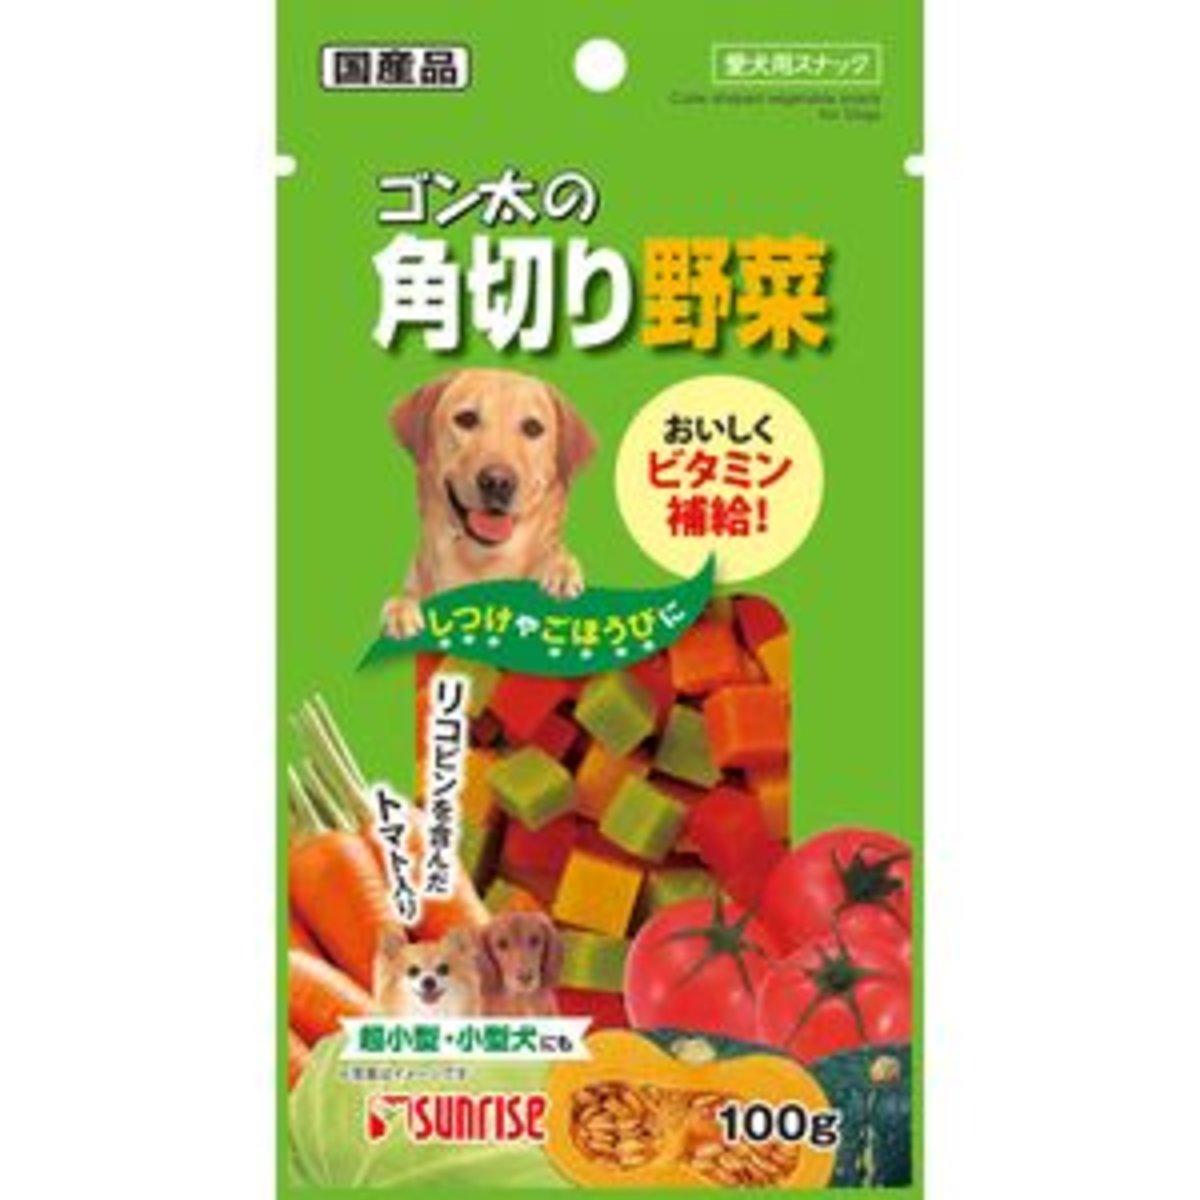 雜菜粒粒小食 100g (4973321918889)